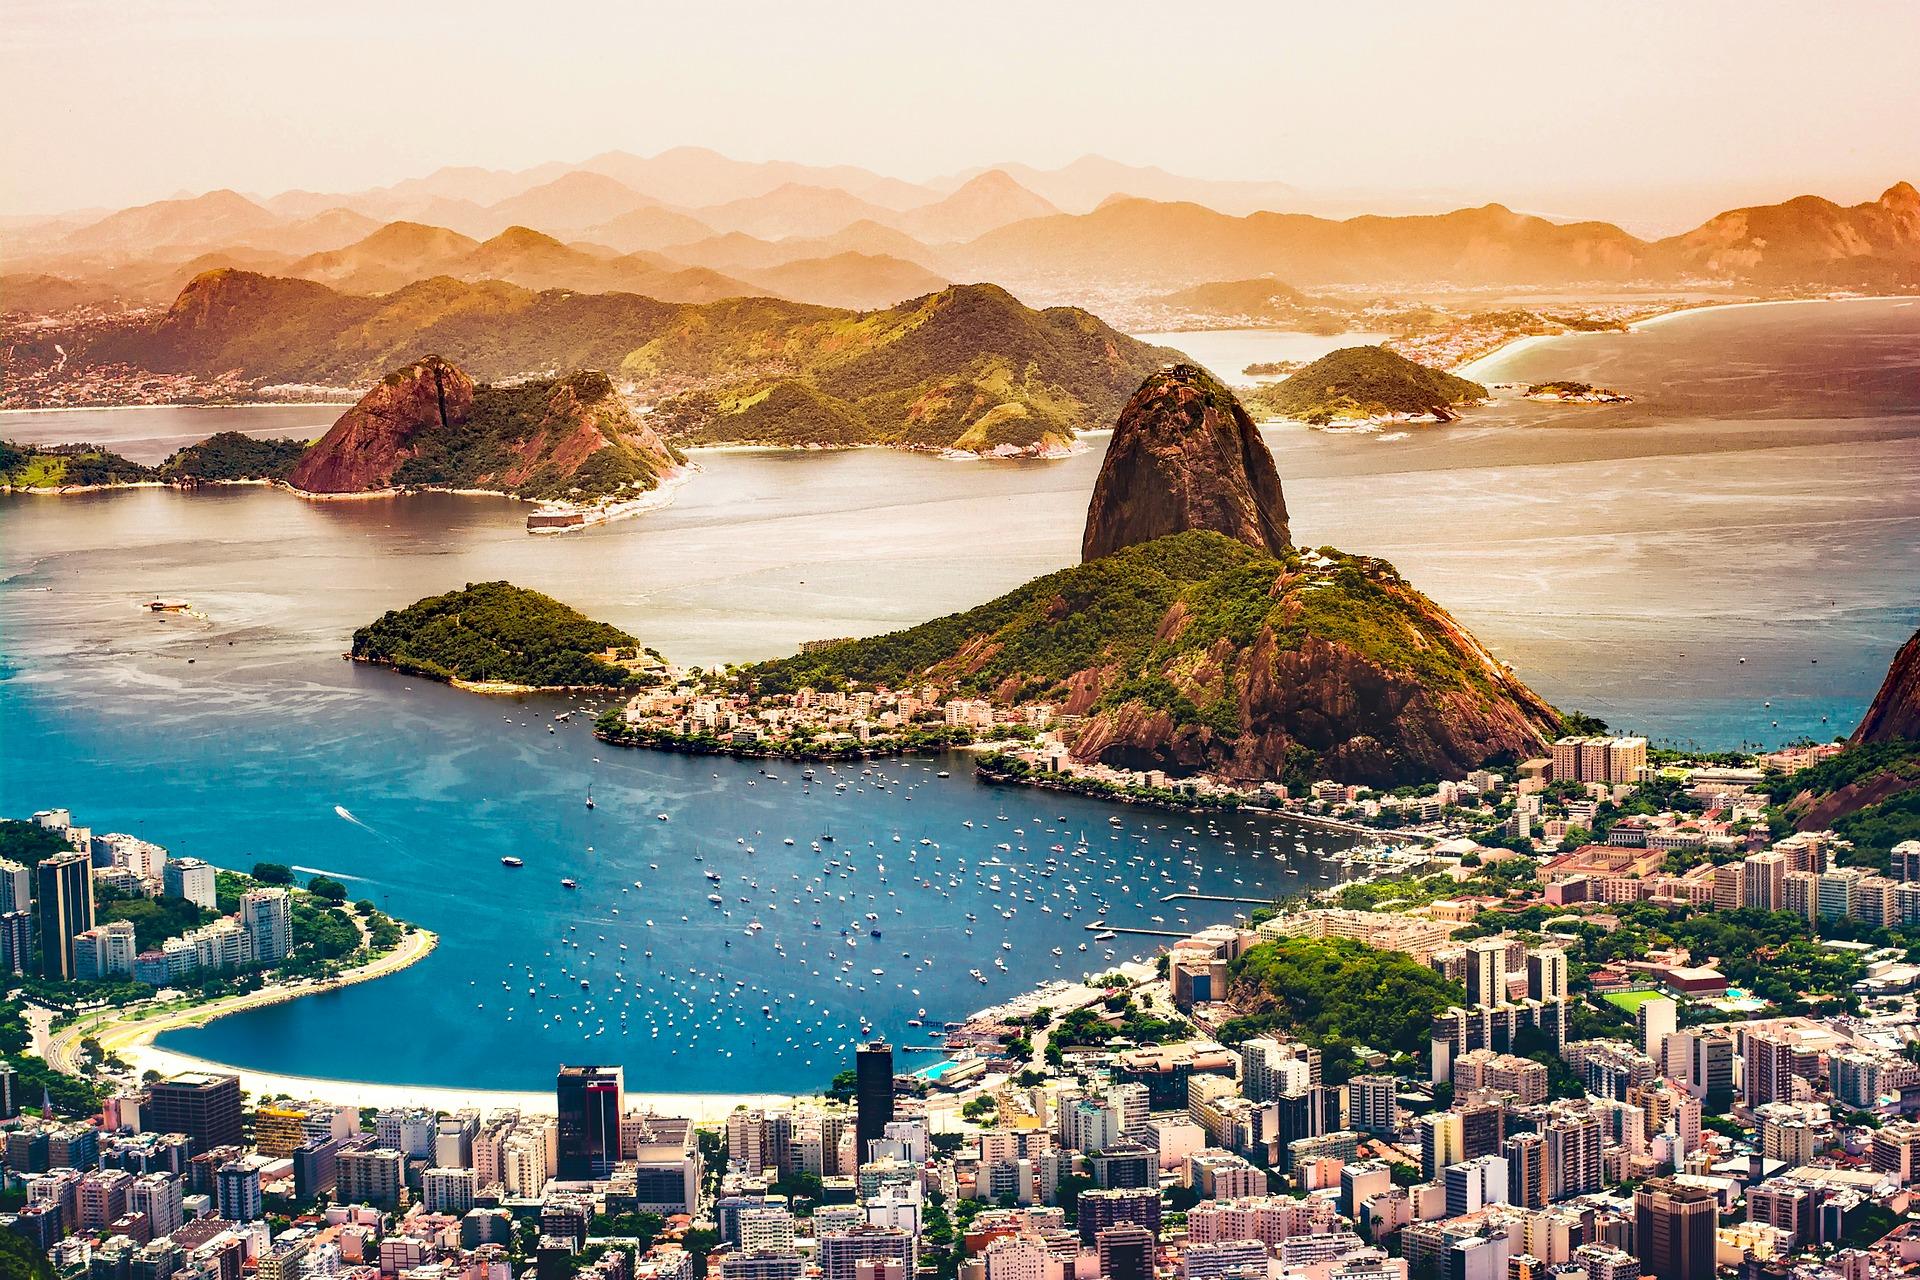 Crucero Carnavales en Río